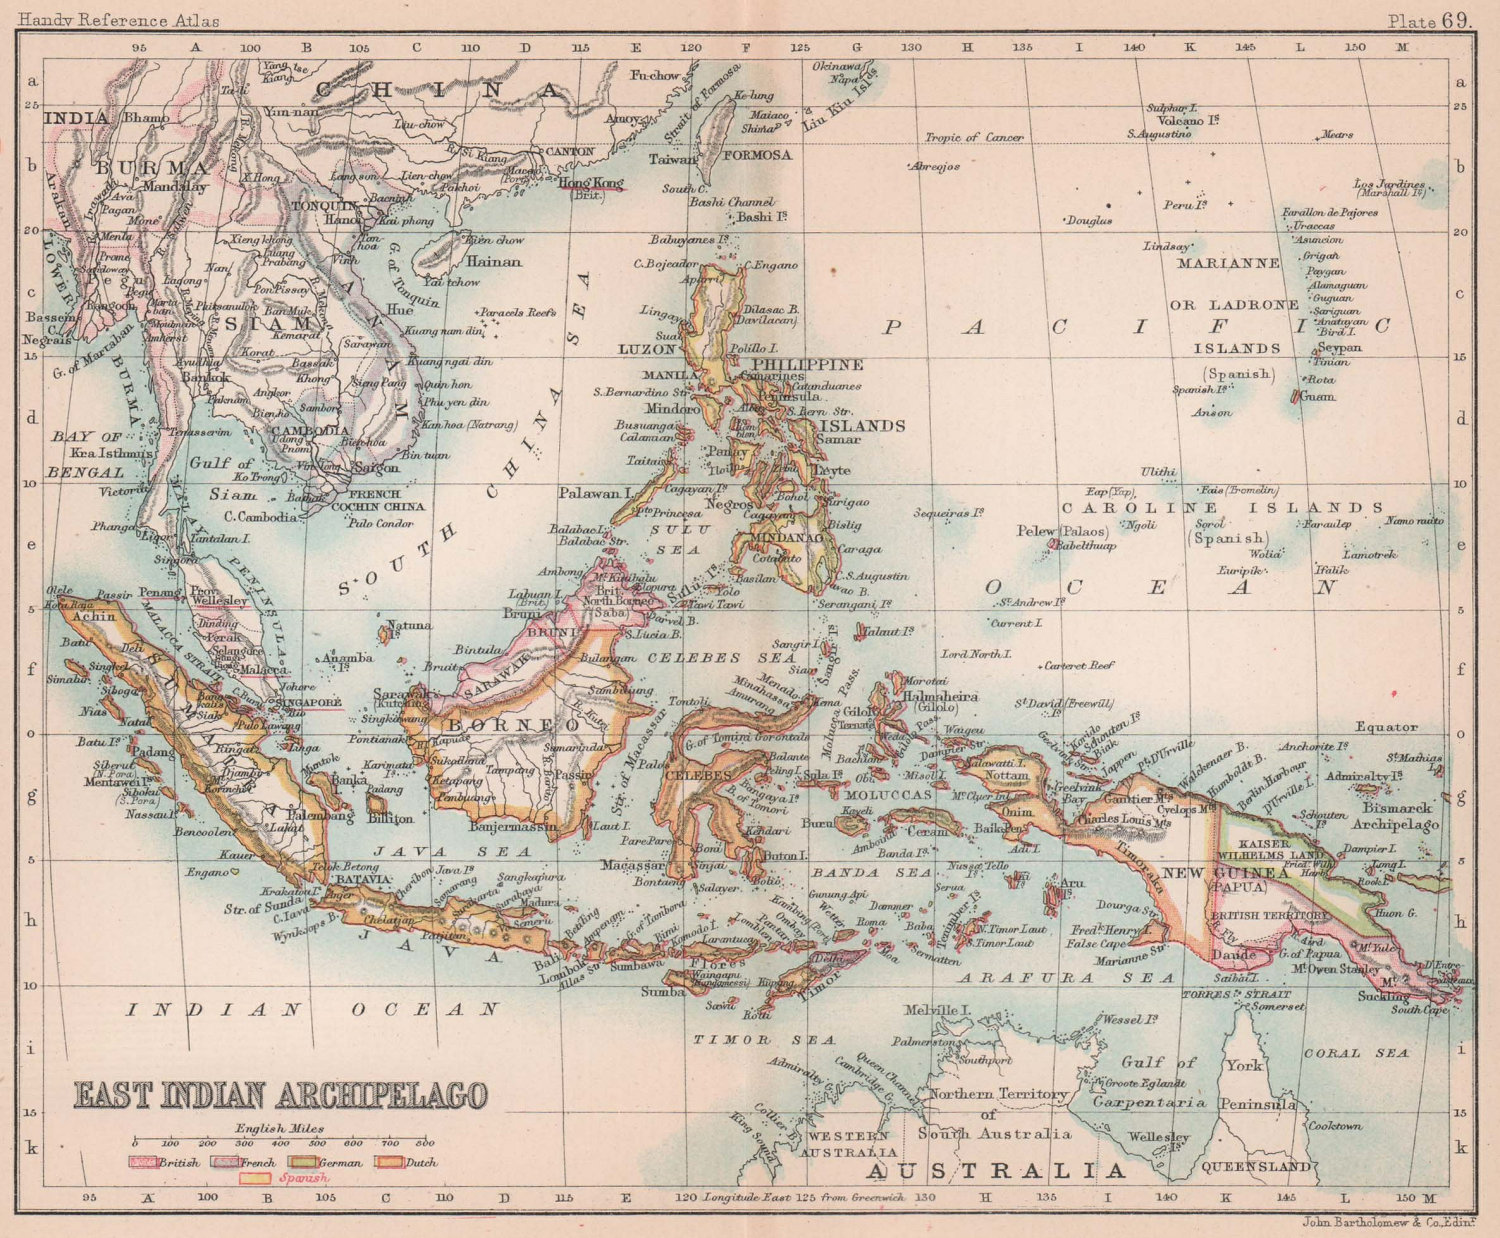 East Indian Archipelago. Indonesia Philippines & Indochina. BARTHOLOMEW 1893 map